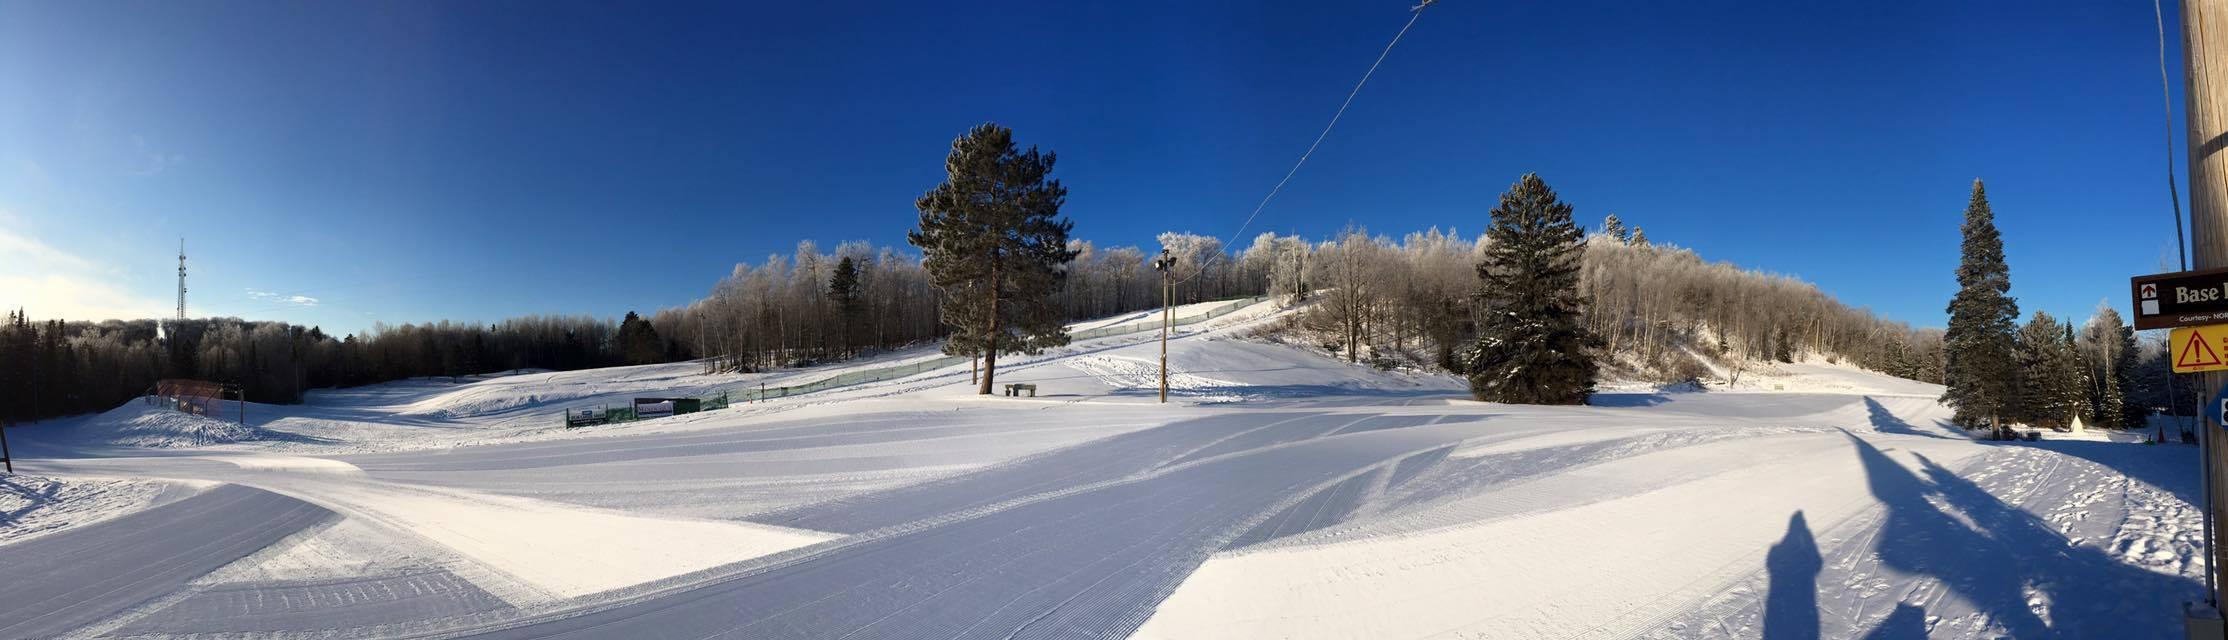 minocqua winter park grounds